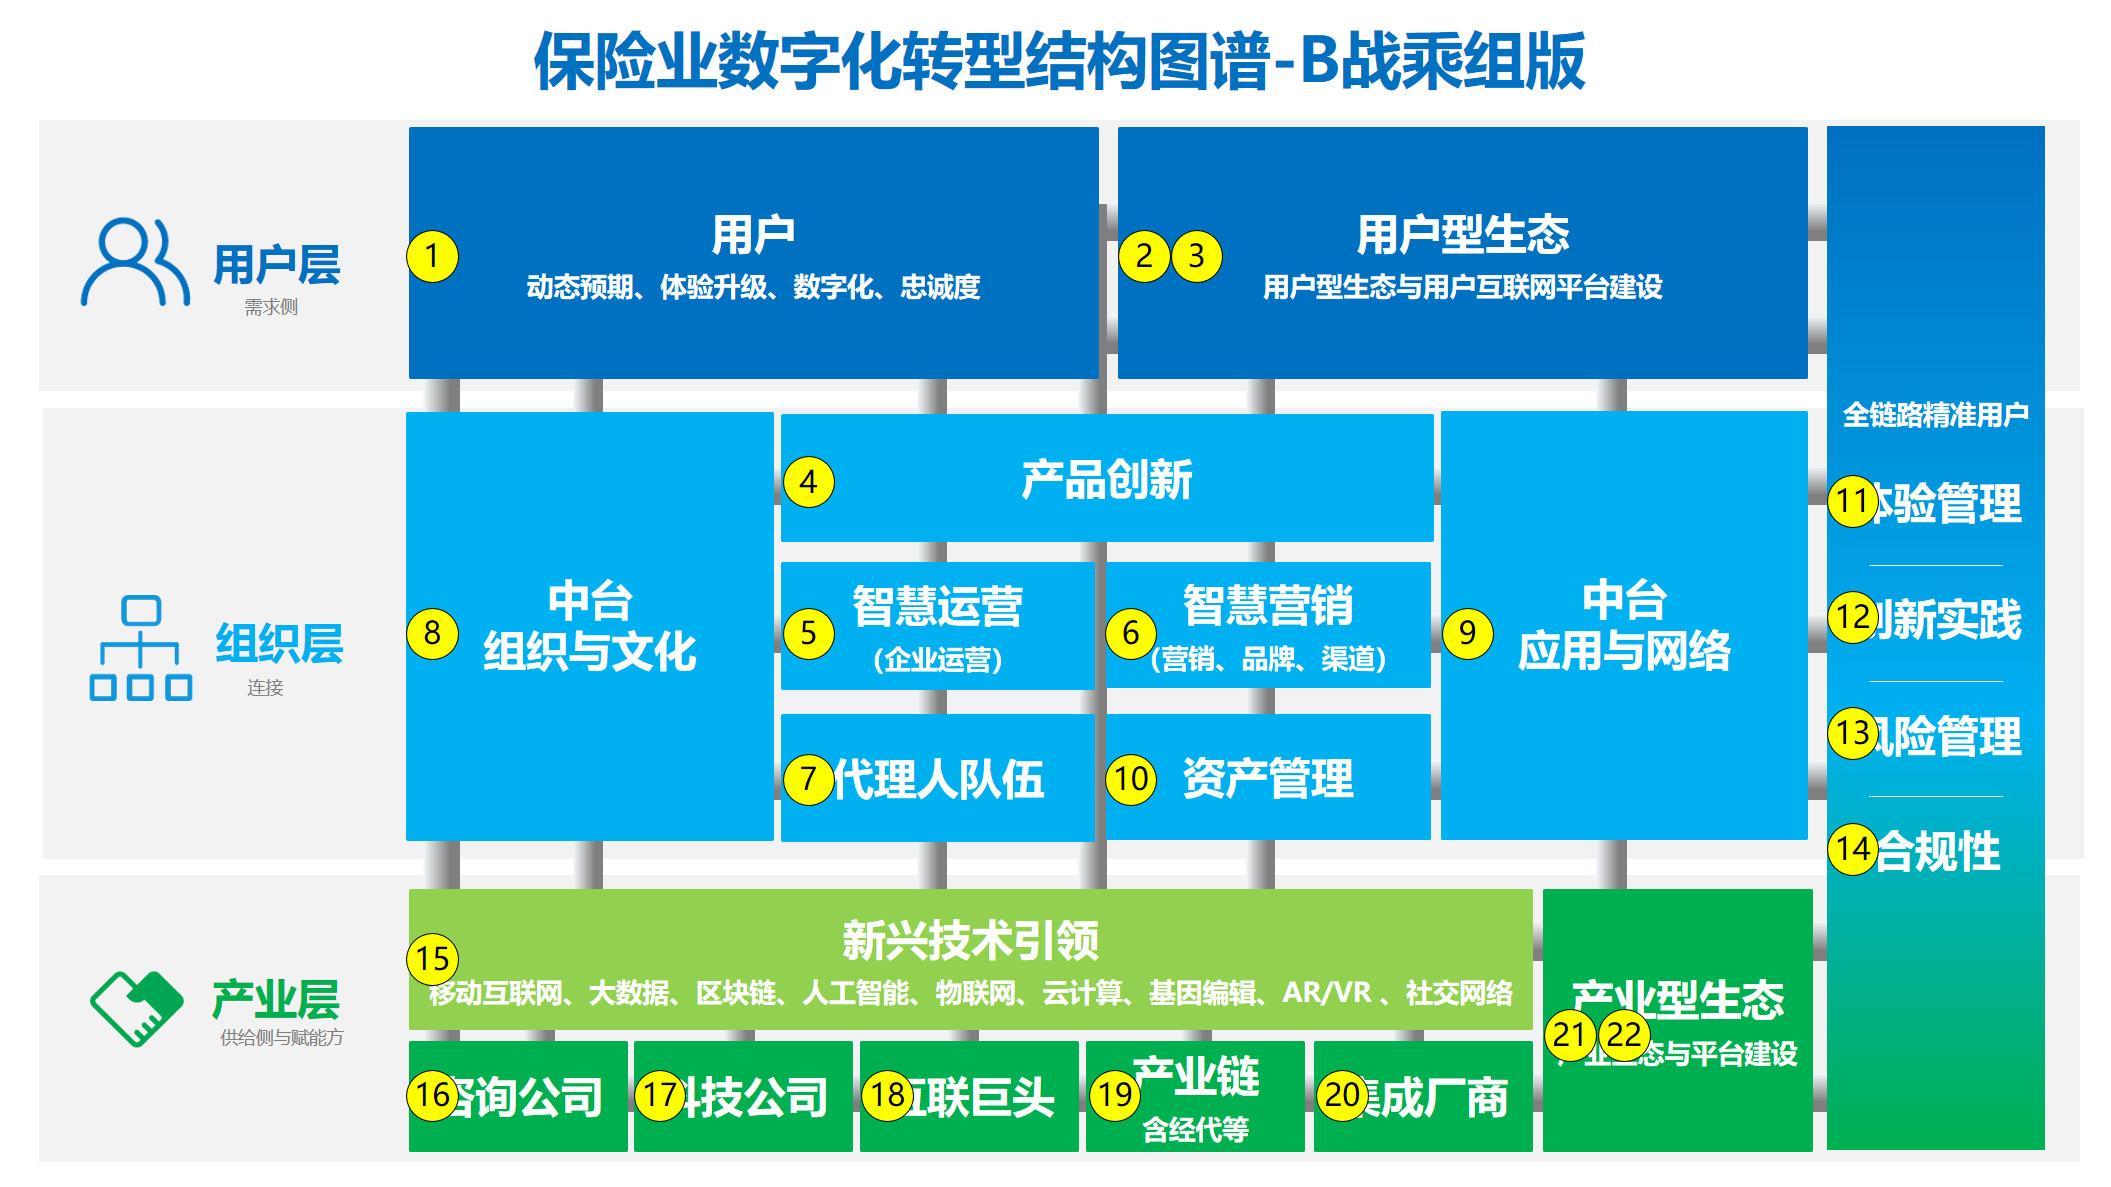 图08:全新版企业数字化转型升级结构图谱来源:李有龙《保险业生态战略系列培训课程》